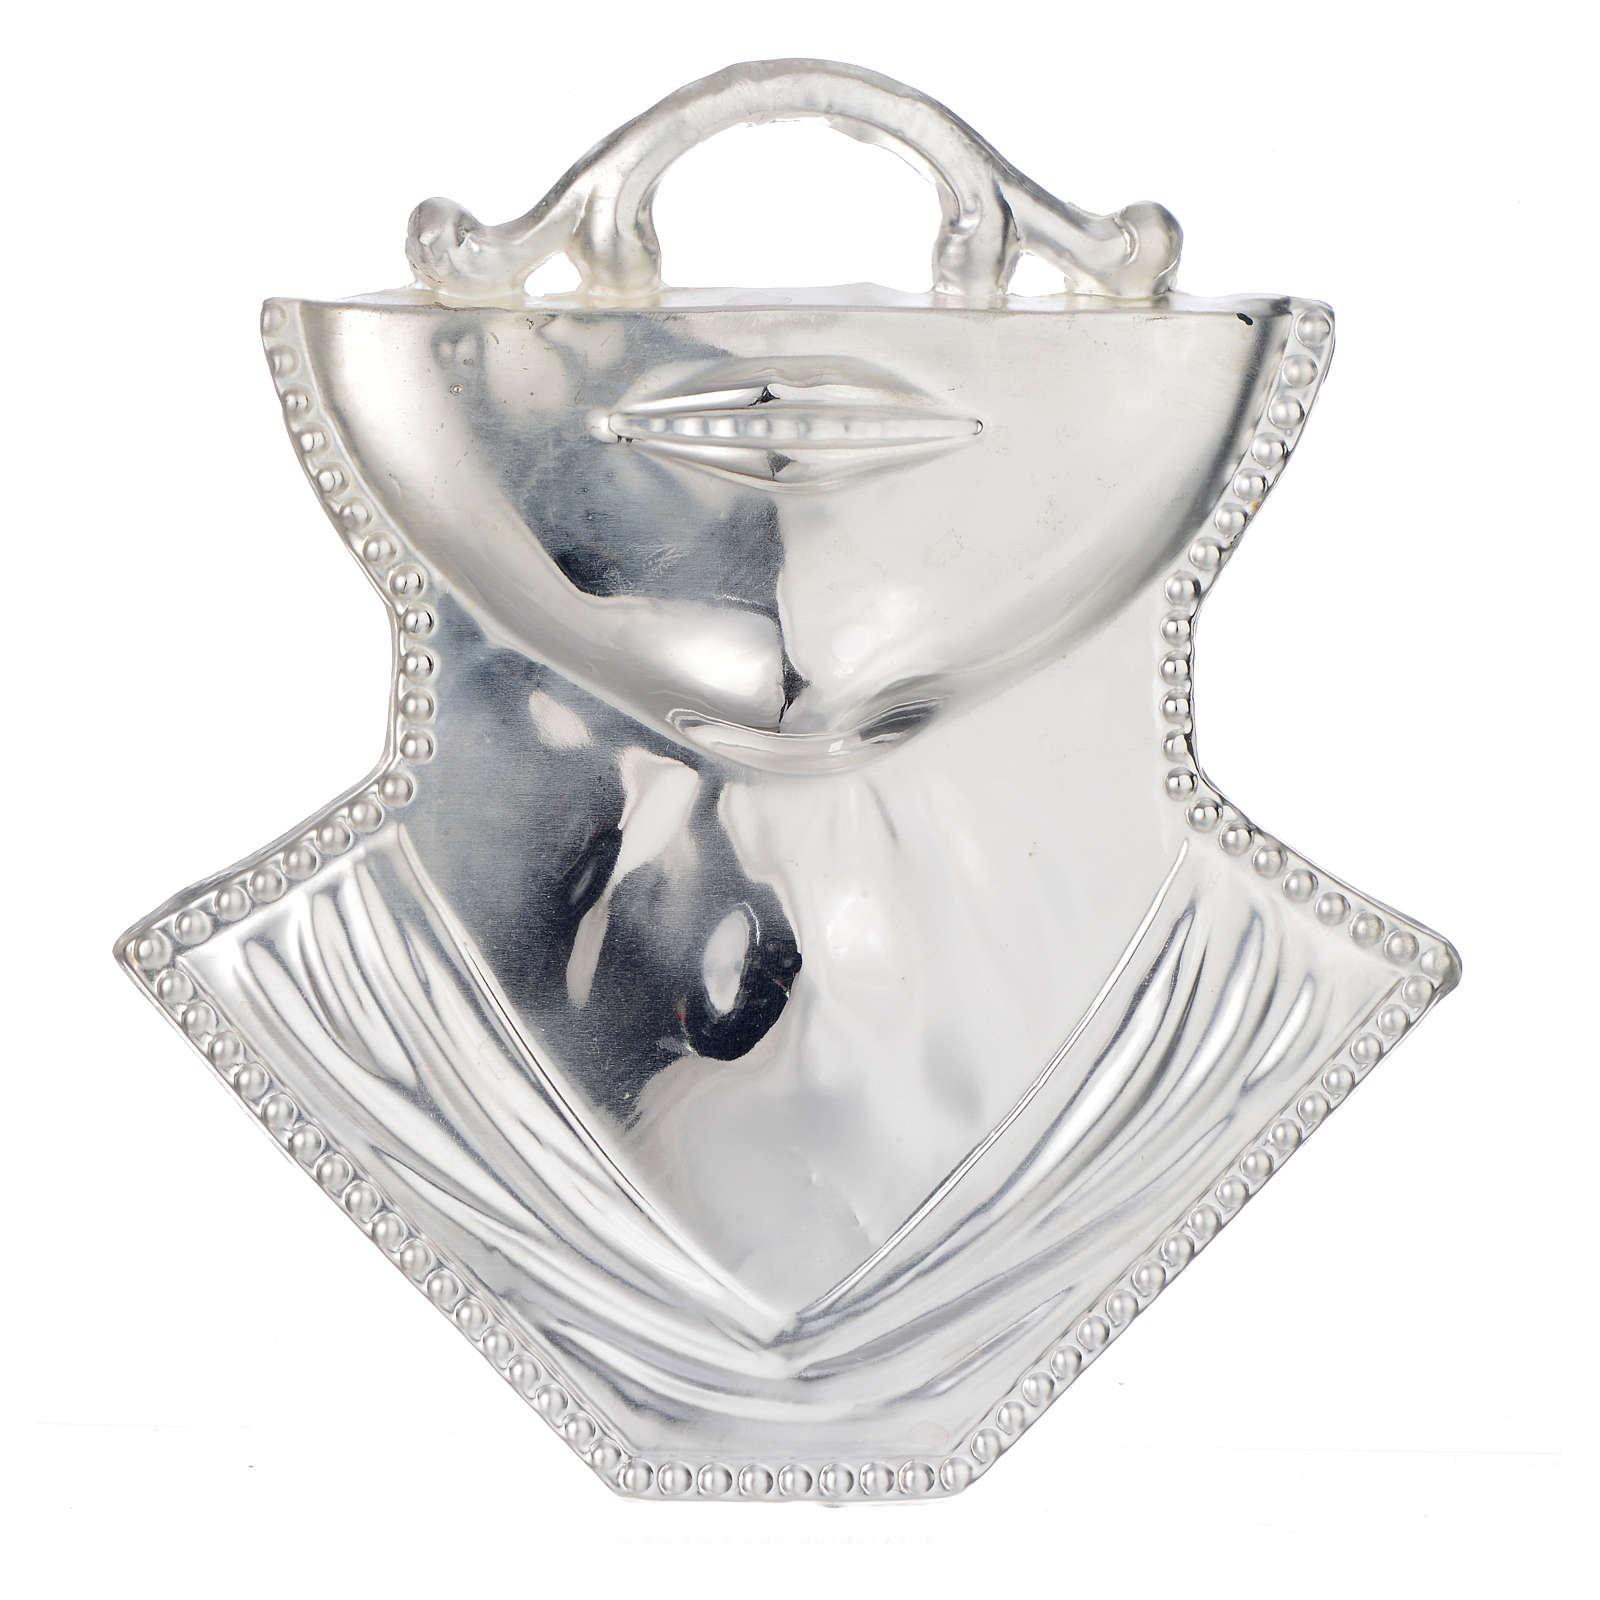 Ex voto gola mento argento 925 o metallo 11x12 cm 3